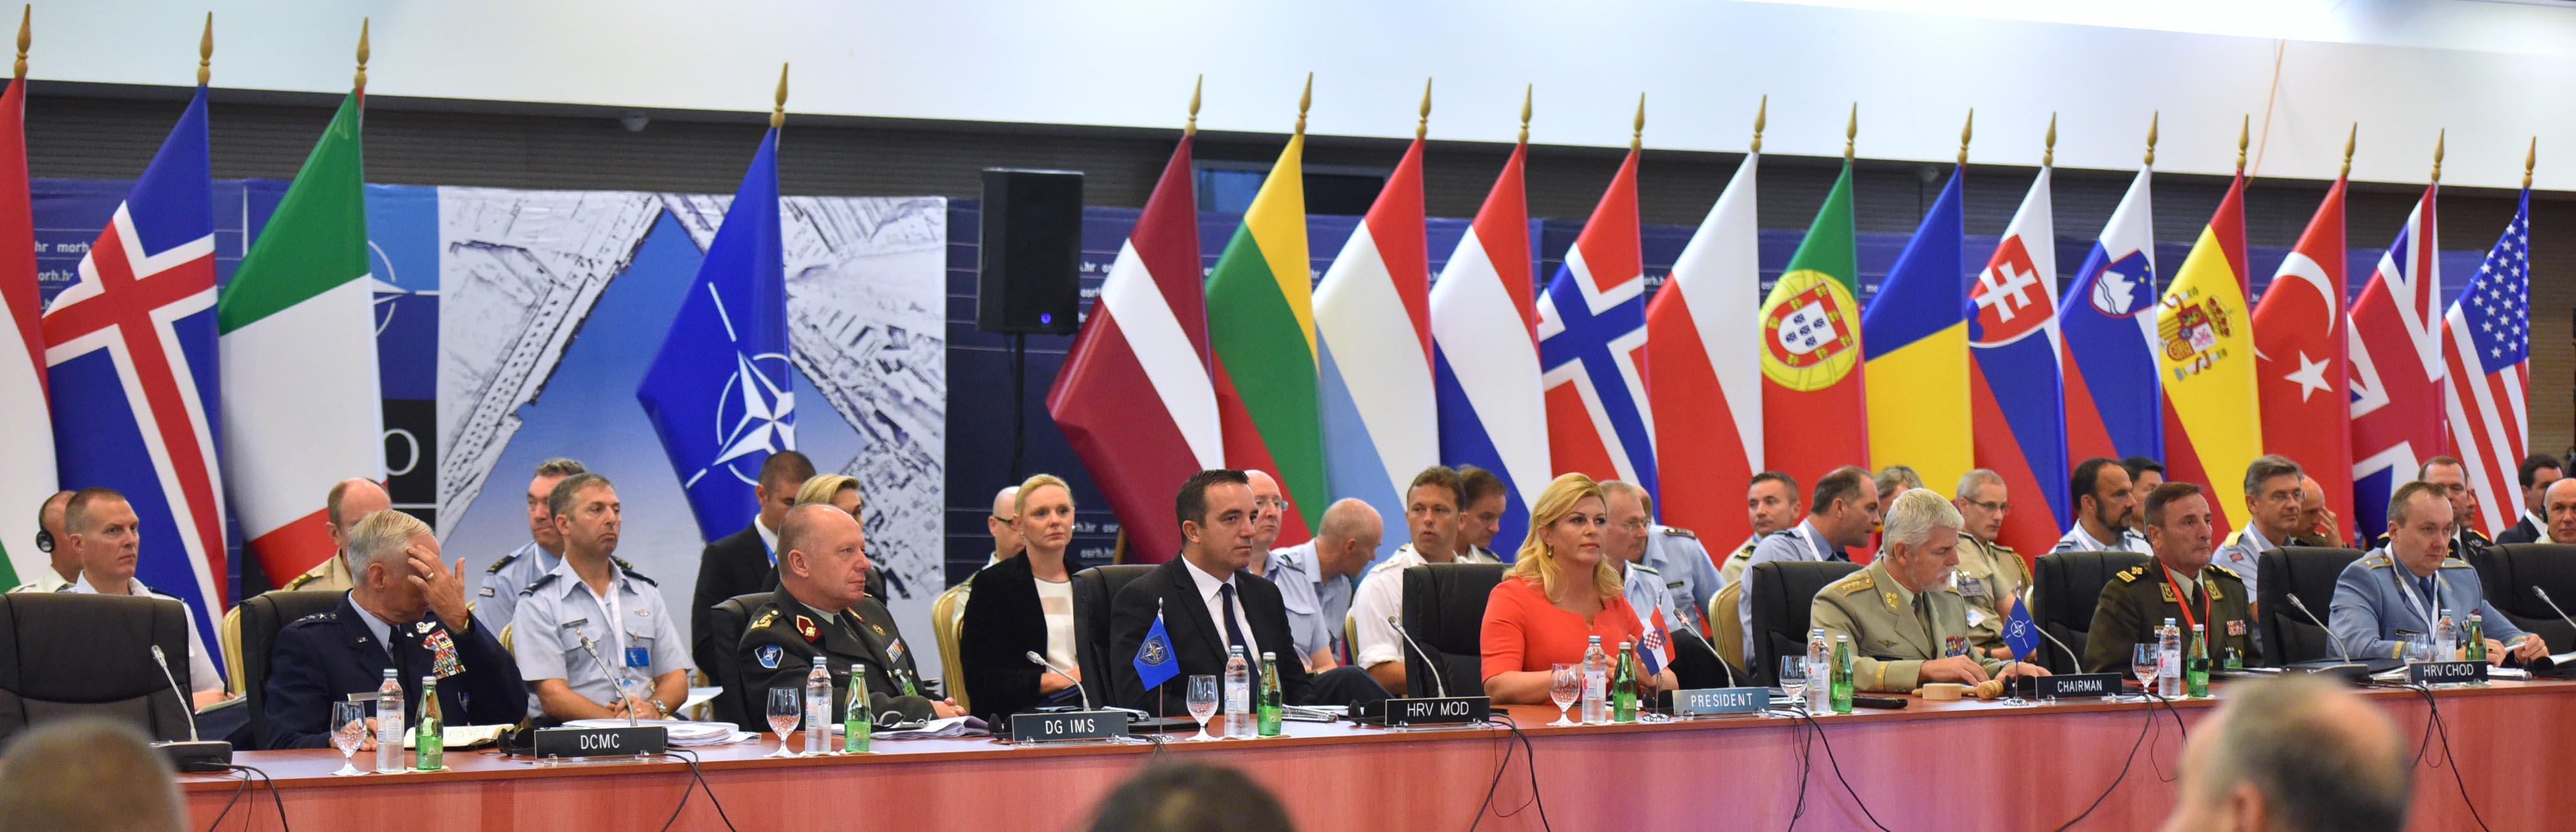 Otvorena konferencija Vojnog odbora NATO-a